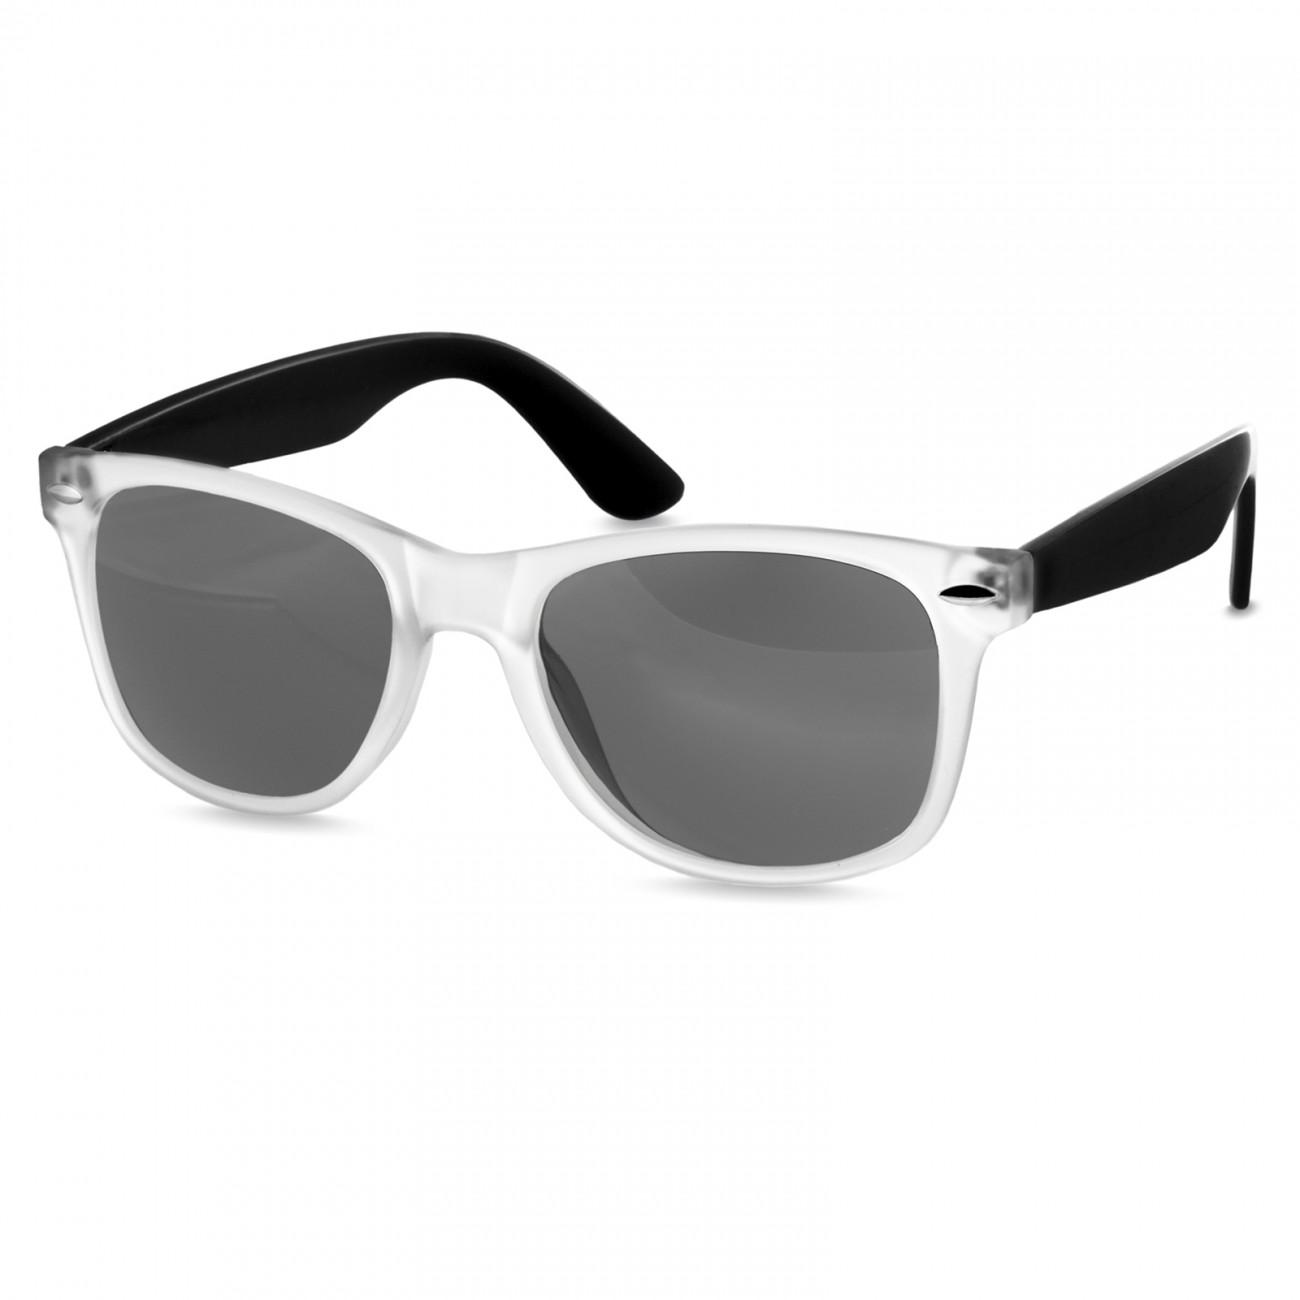 nerd sonnenbrille schwarz verspiegelt. Black Bedroom Furniture Sets. Home Design Ideas